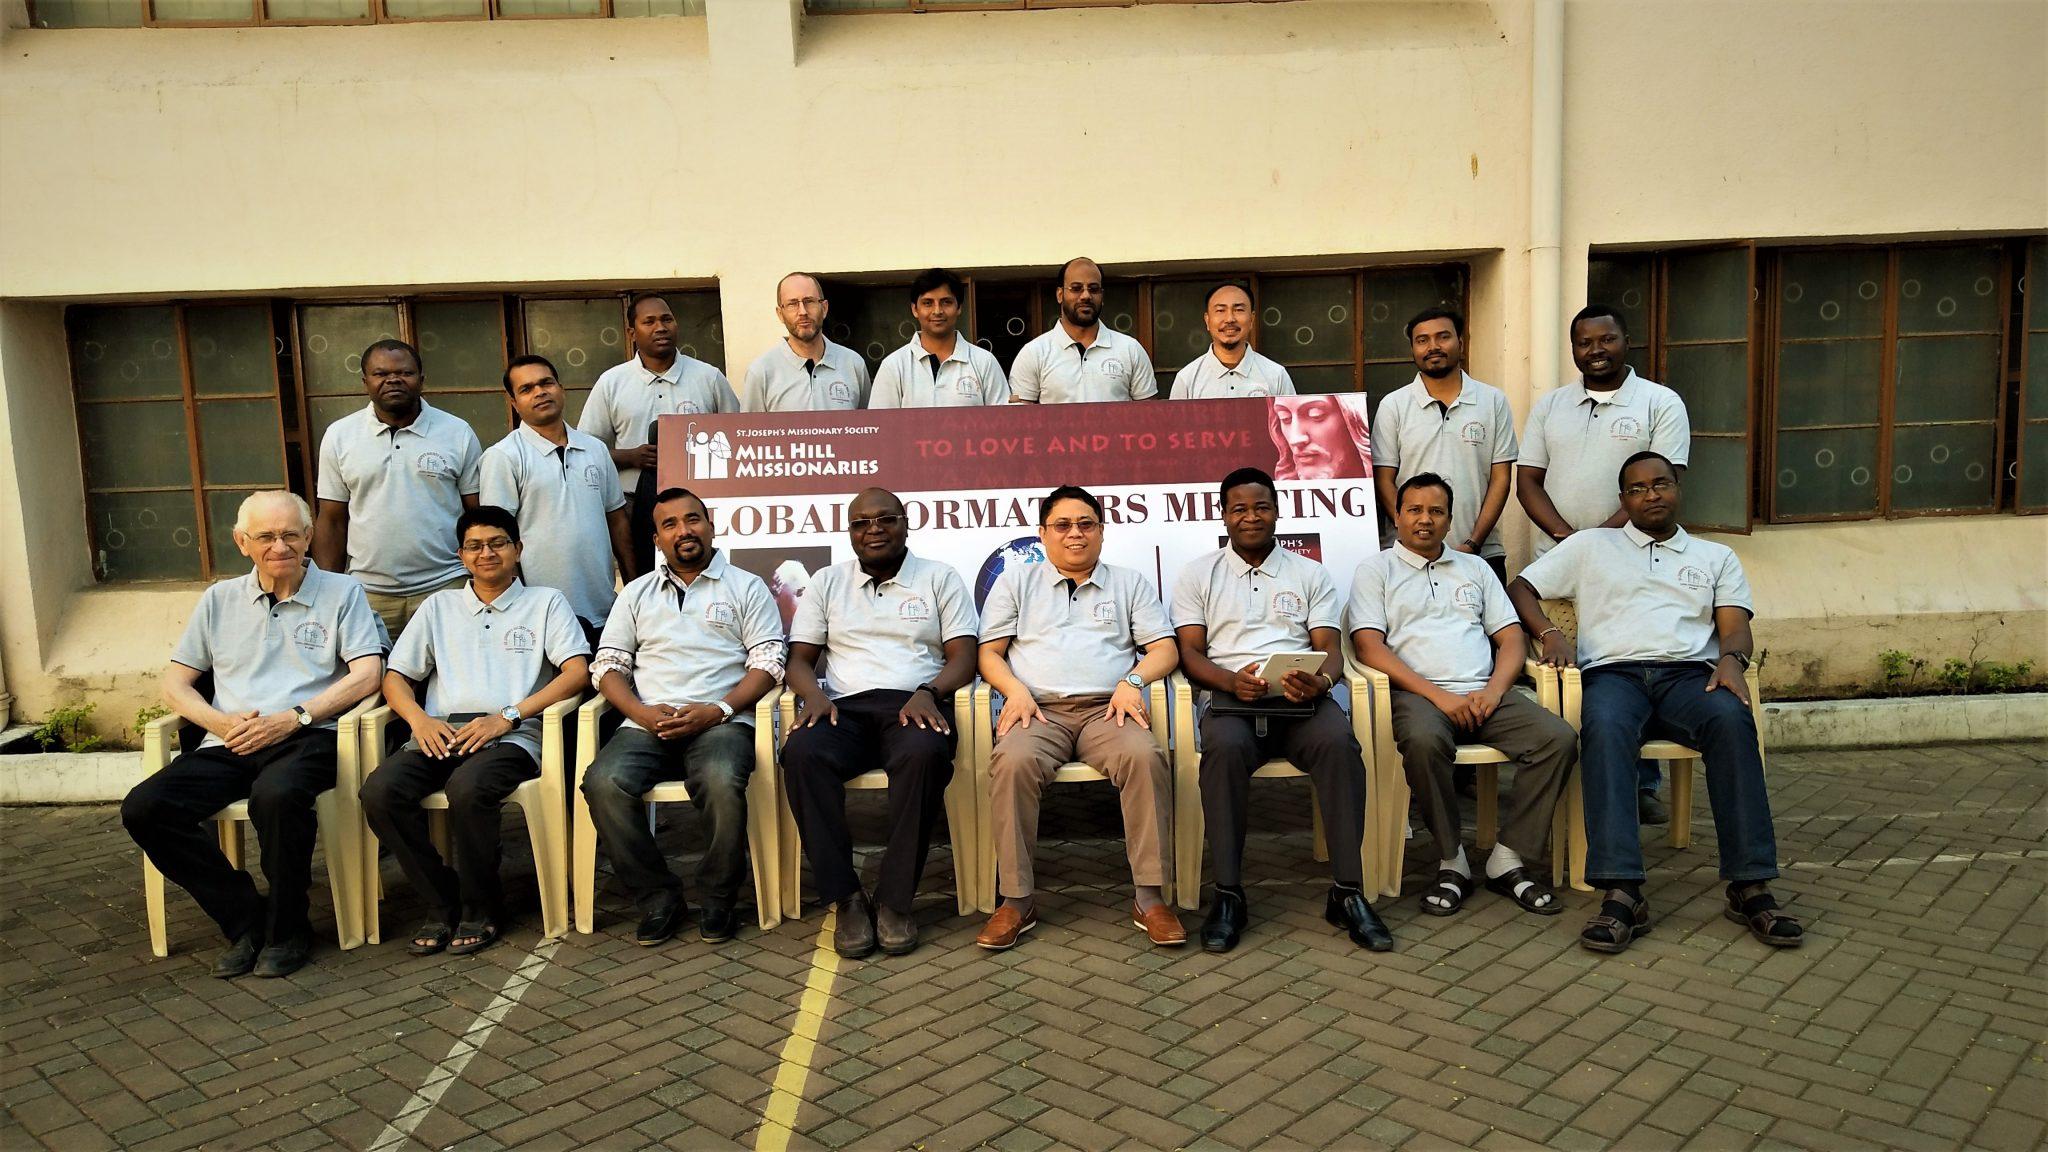 Pune, India: Global Fomators Meeting